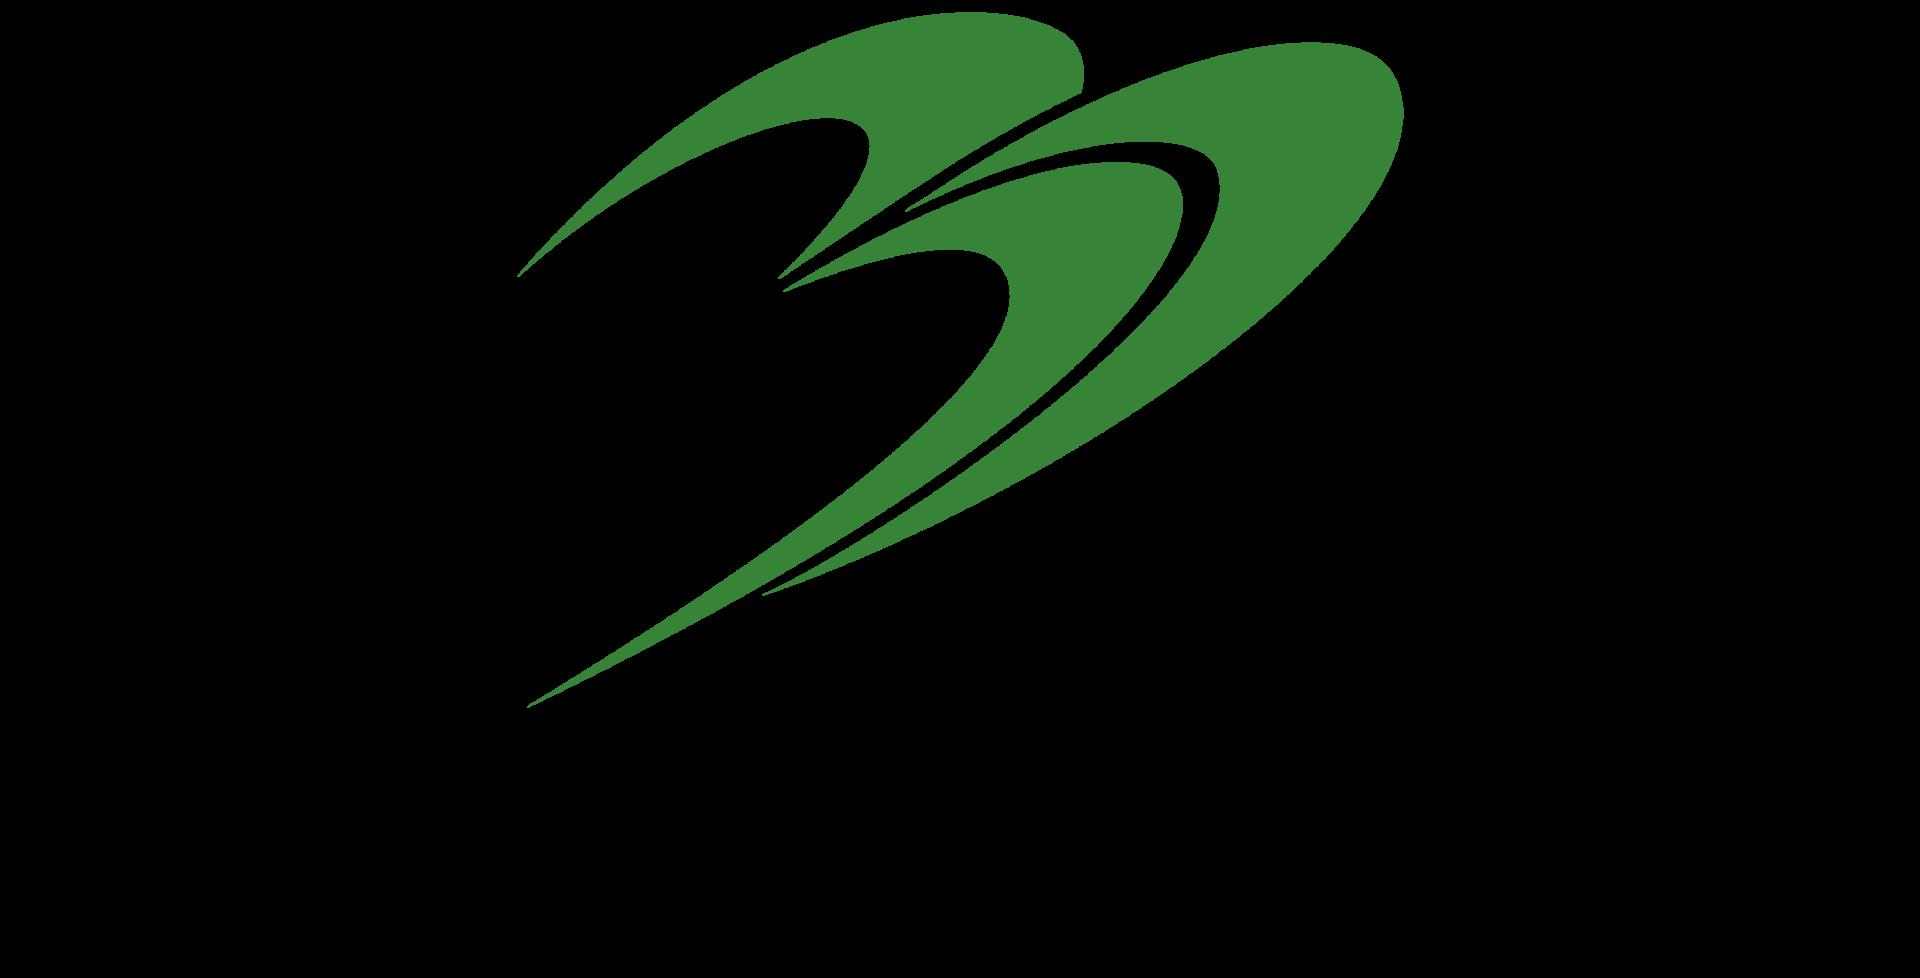 建築/建設/設備/設計/造園とシンプルと緑のロゴ